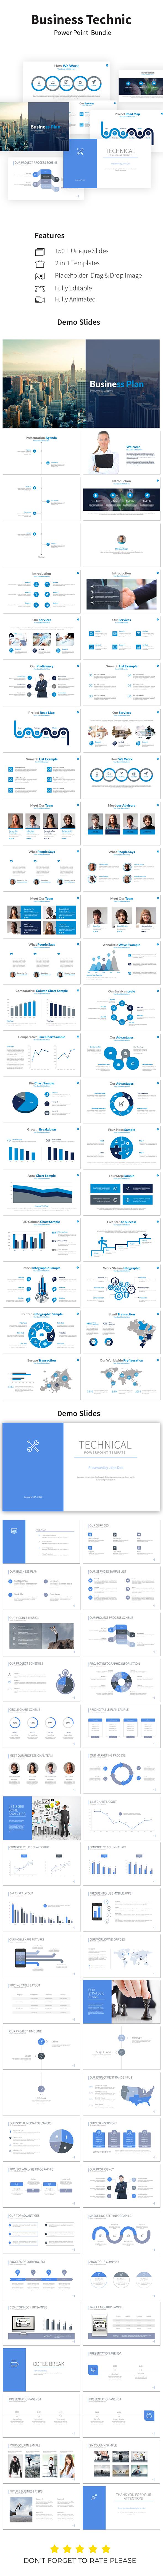 Business Technic Bundle PowerPoint Presentation Templates - Business PowerPoint Templates